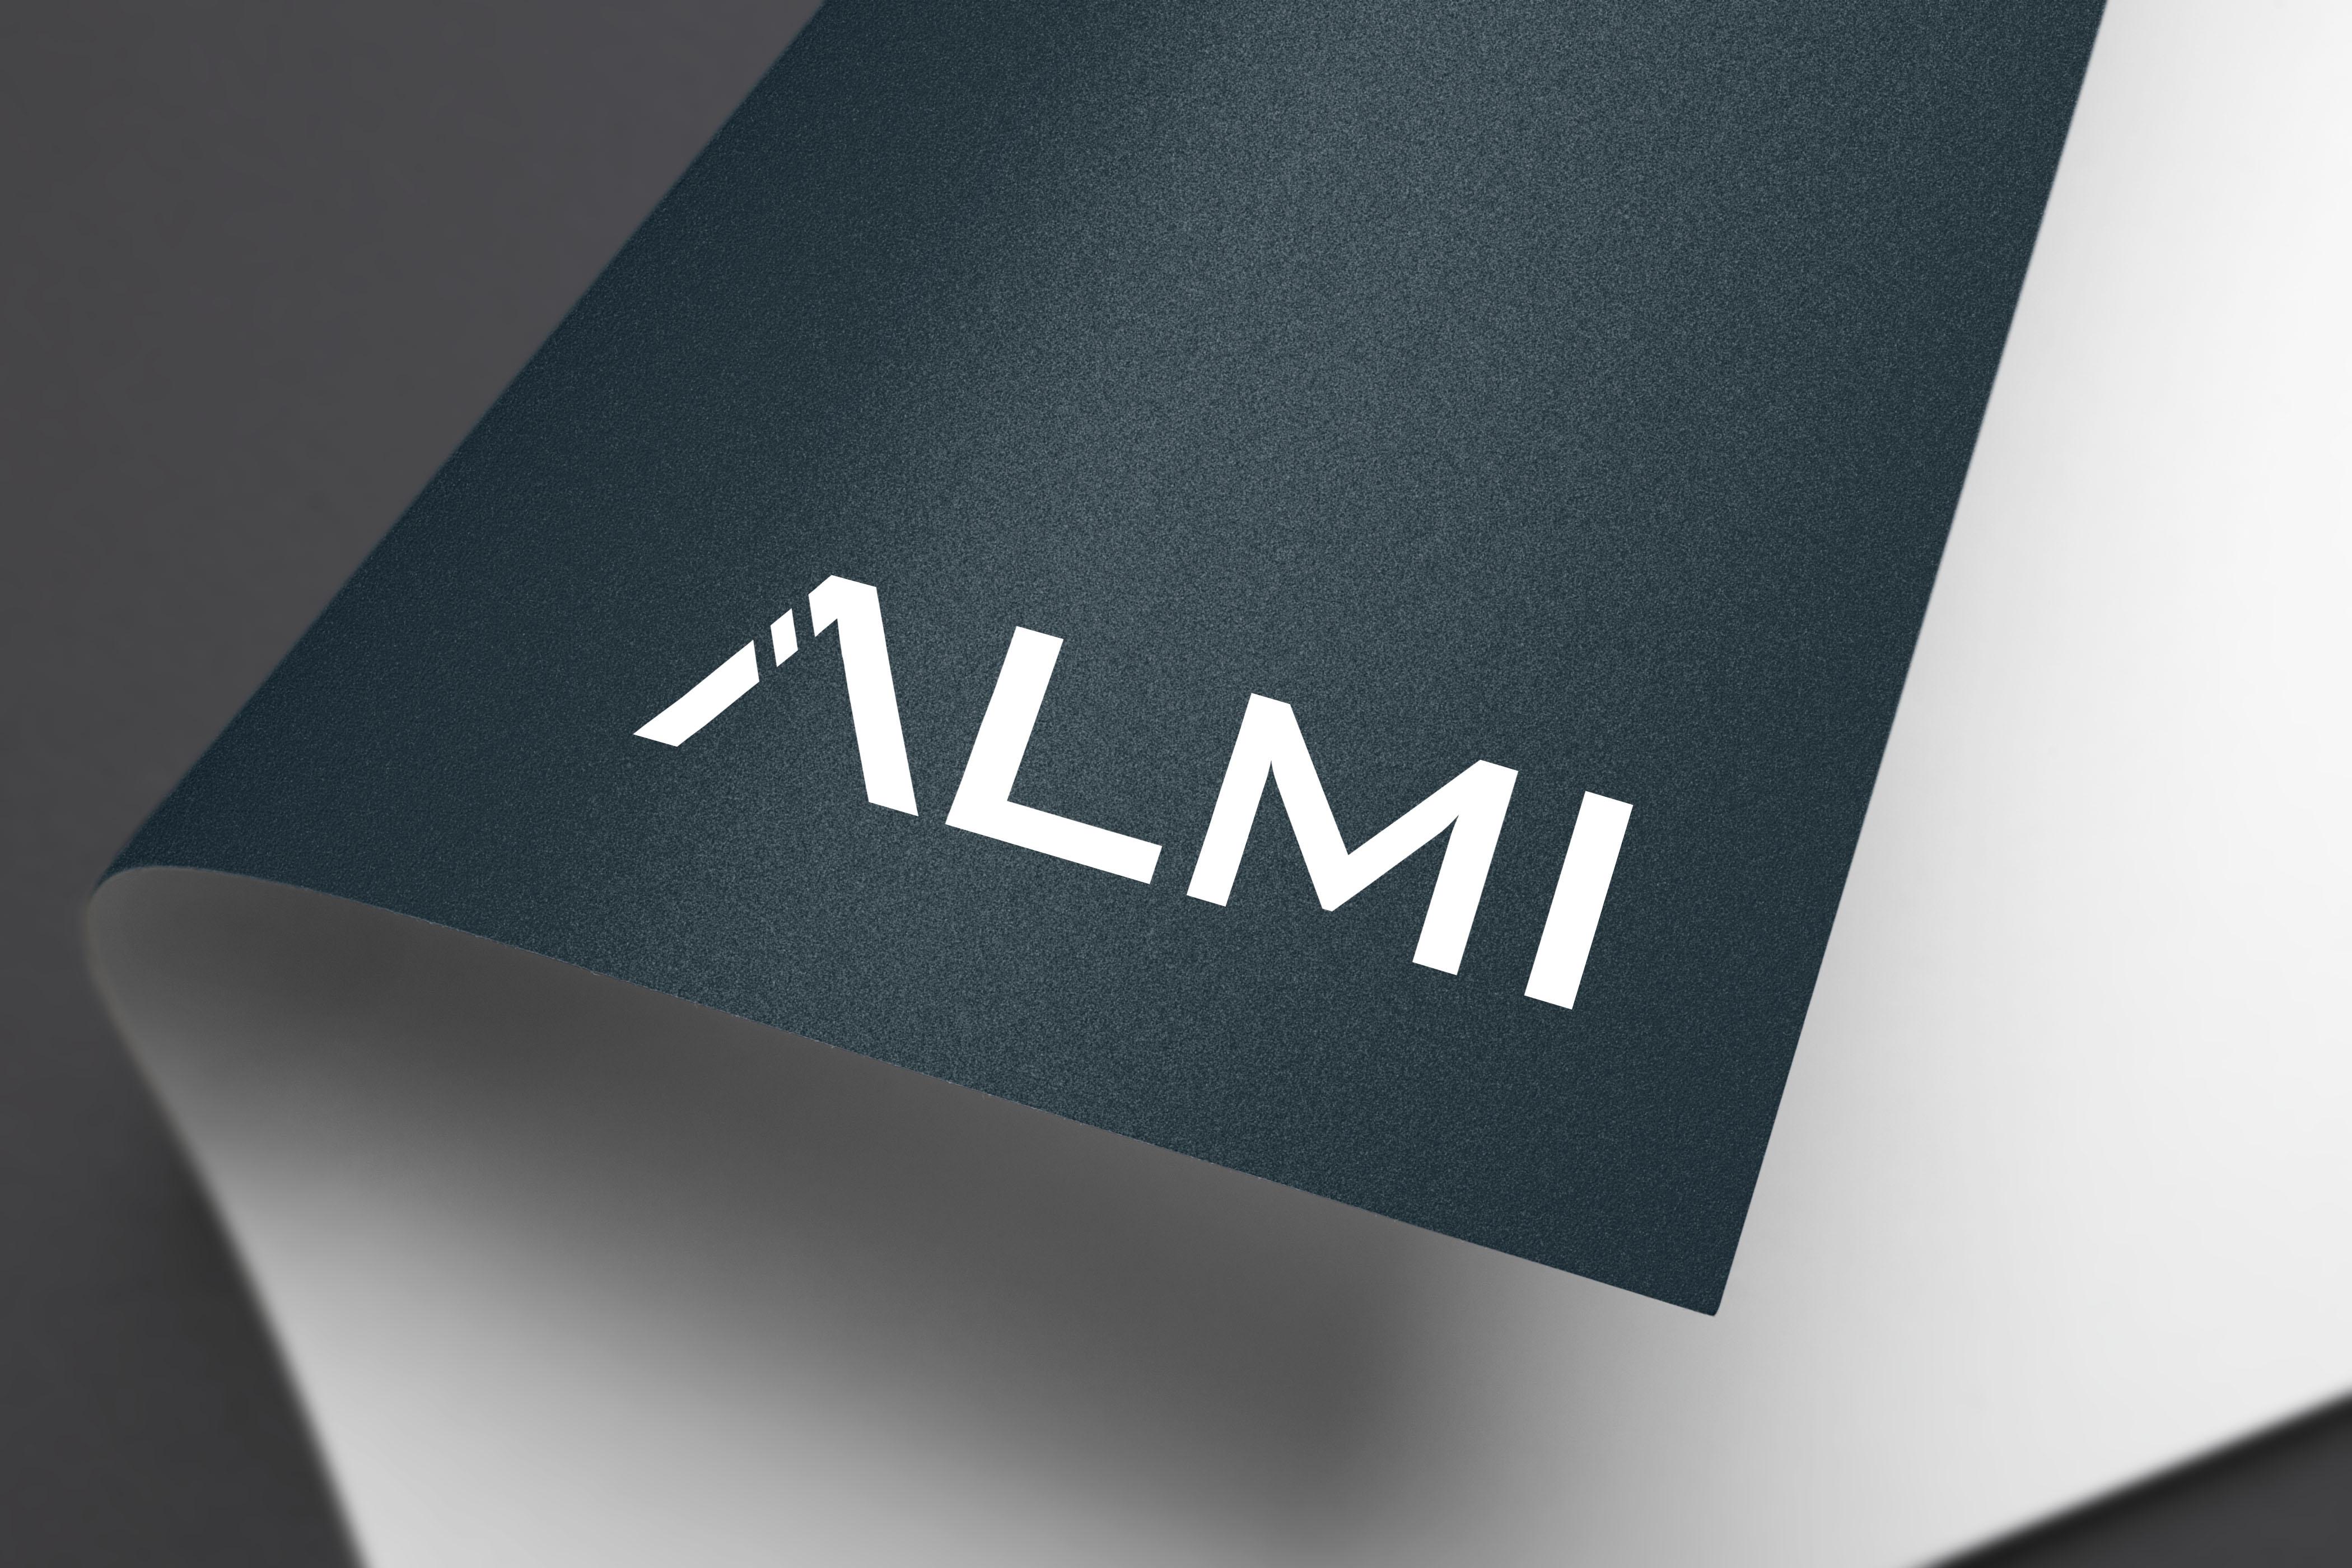 Разработка логотипа и фона фото f_543598c220e04540.jpg